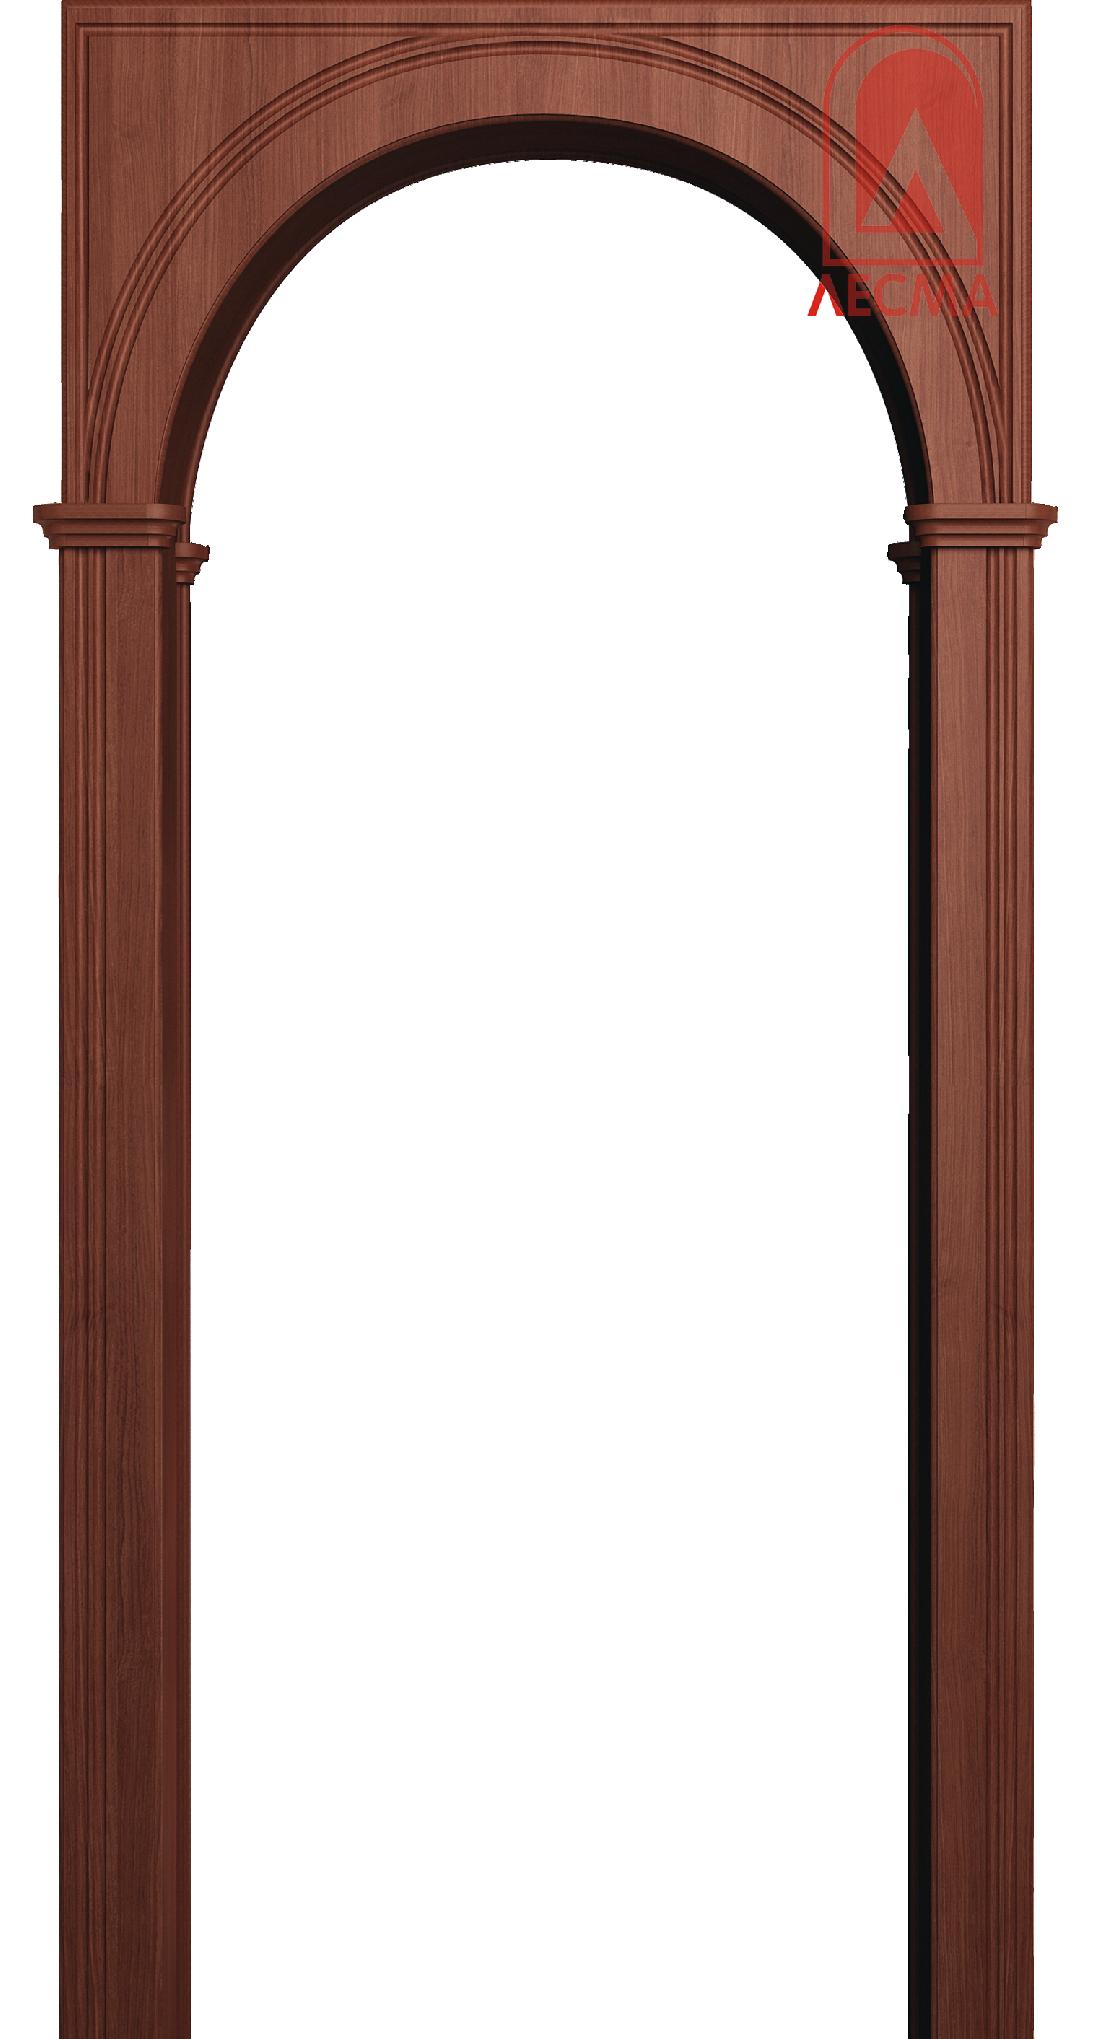 Межкомнатная арка Лесма Палермо МДФ-ПВХ Итальянский орех (ПОСЛЕДНИЙ РАЗМЕР ПО АКЦИИ)